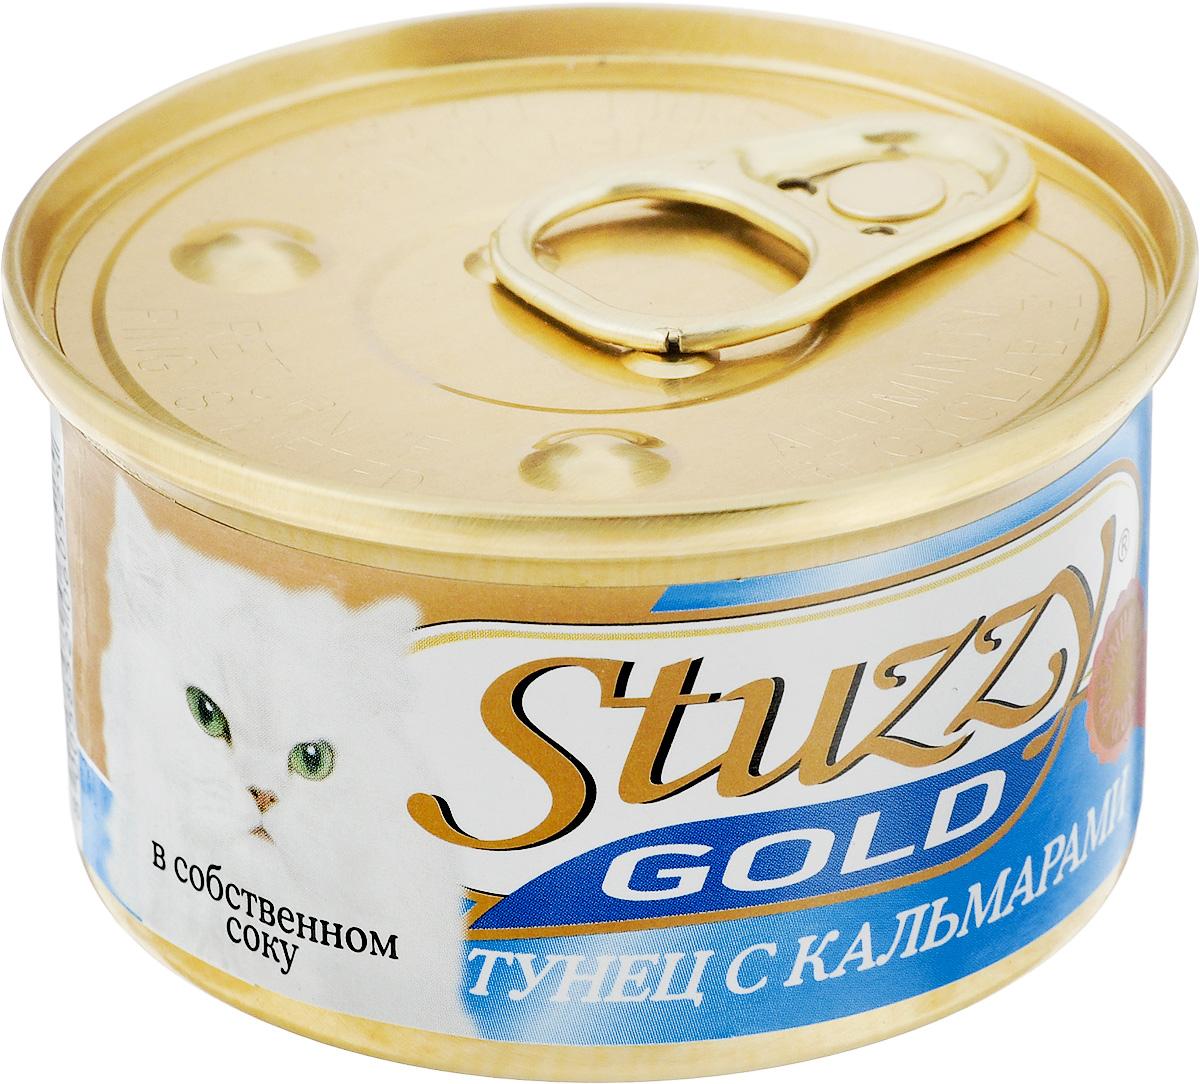 Консервы для взрослых кошек Stuzzy Gold, тунец с кальмарами в собственном соку, 85 г консервы для взрослых кошек stuzzy gold с кроликом 85 г